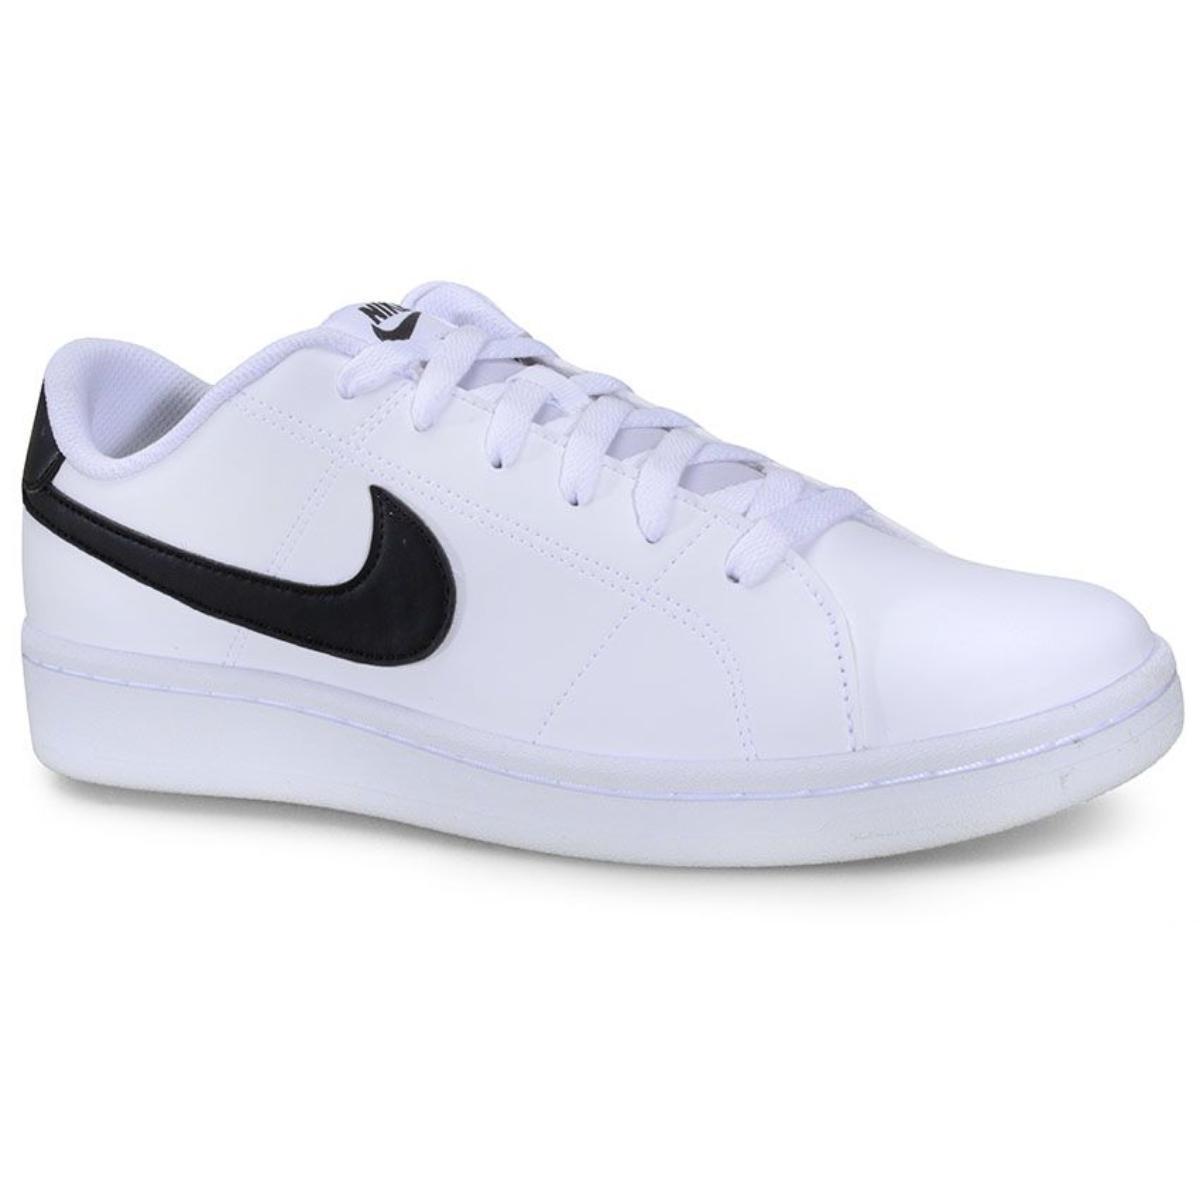 Tênis Masculino Nike Cq9246 Court Royale 2 Branco/preto